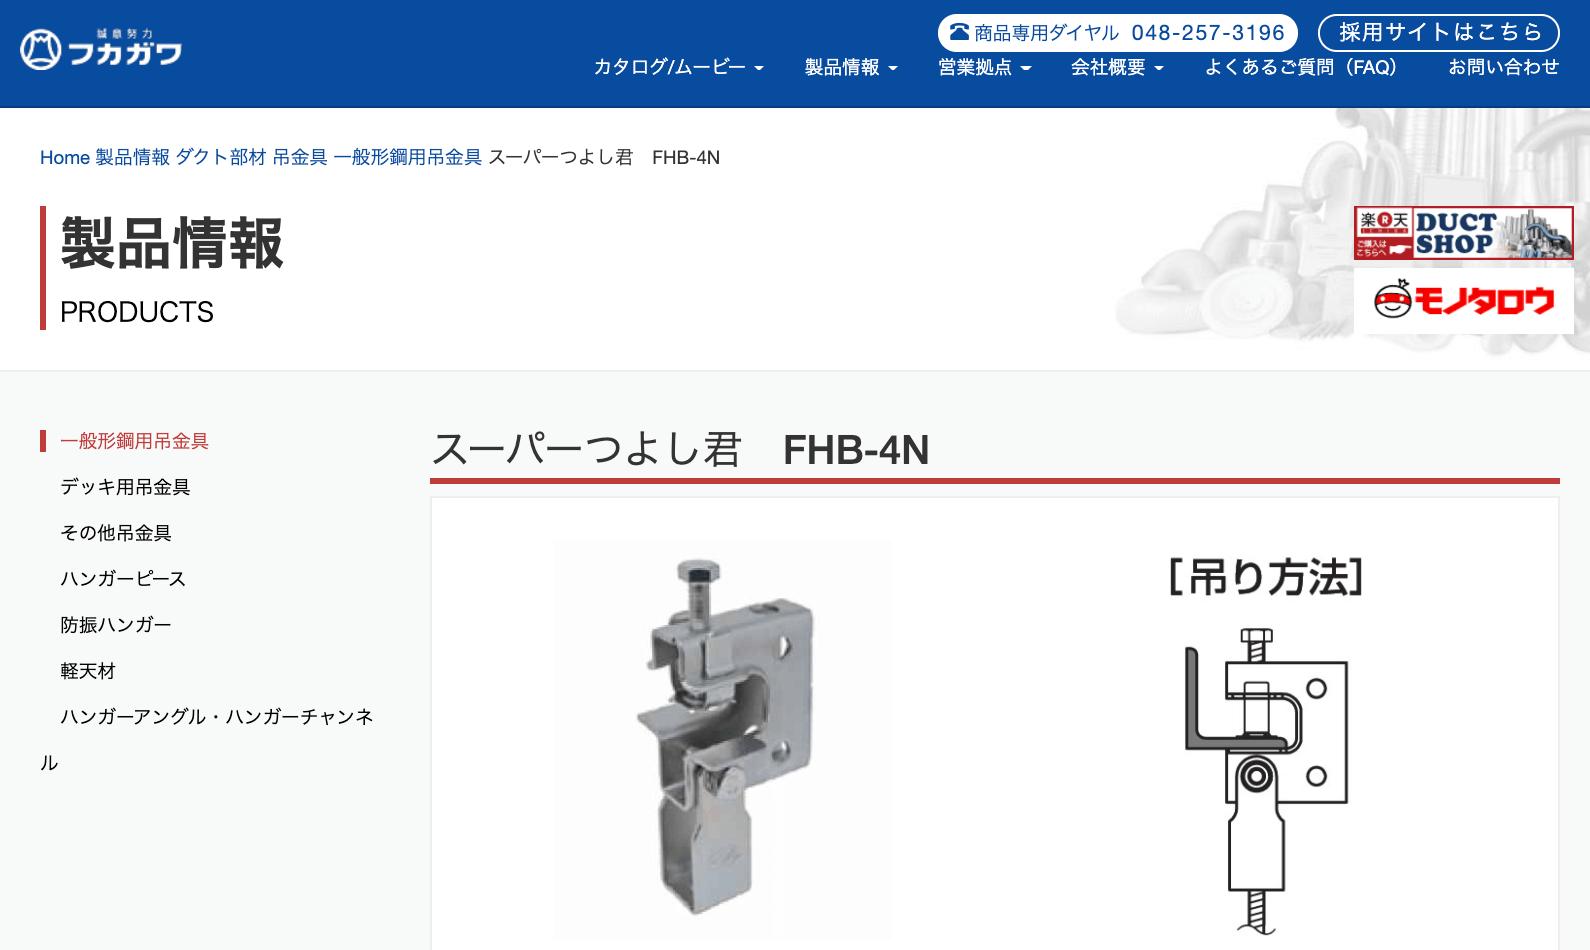 スーパーつよし君 FHB-4N